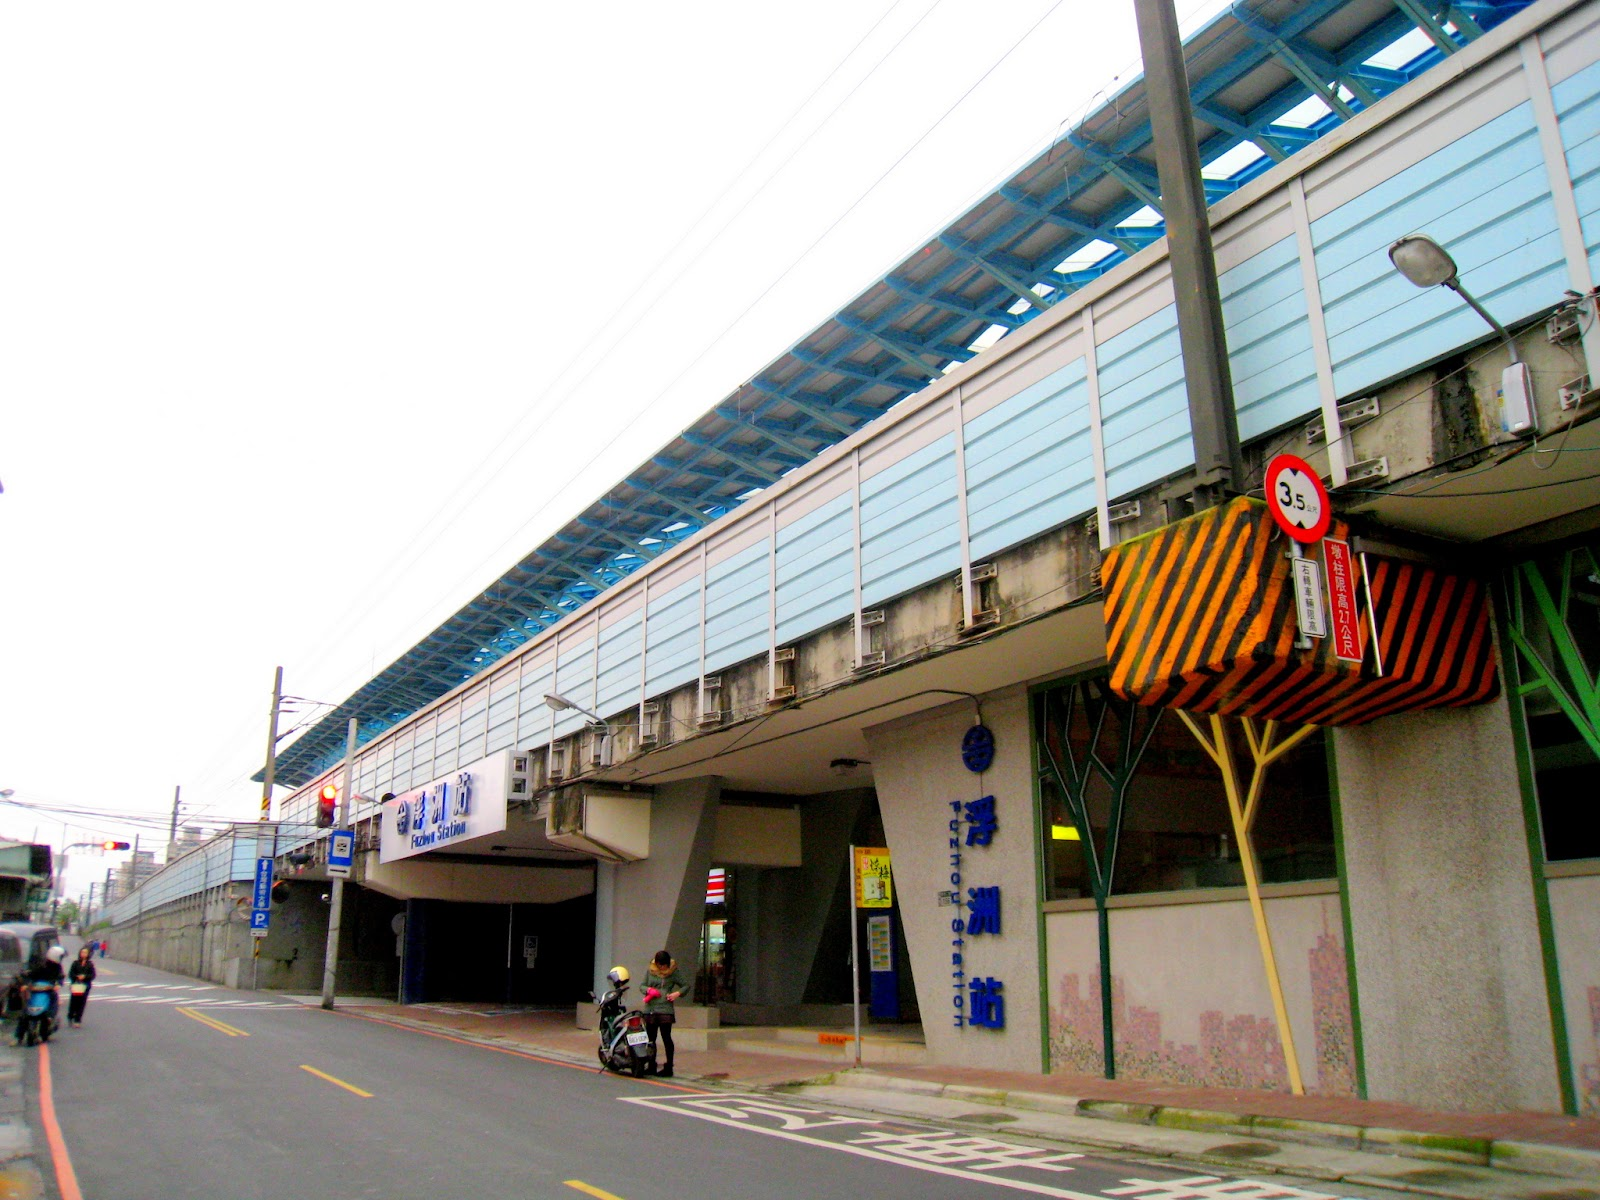 悠遊臺灣-浮洲火車站